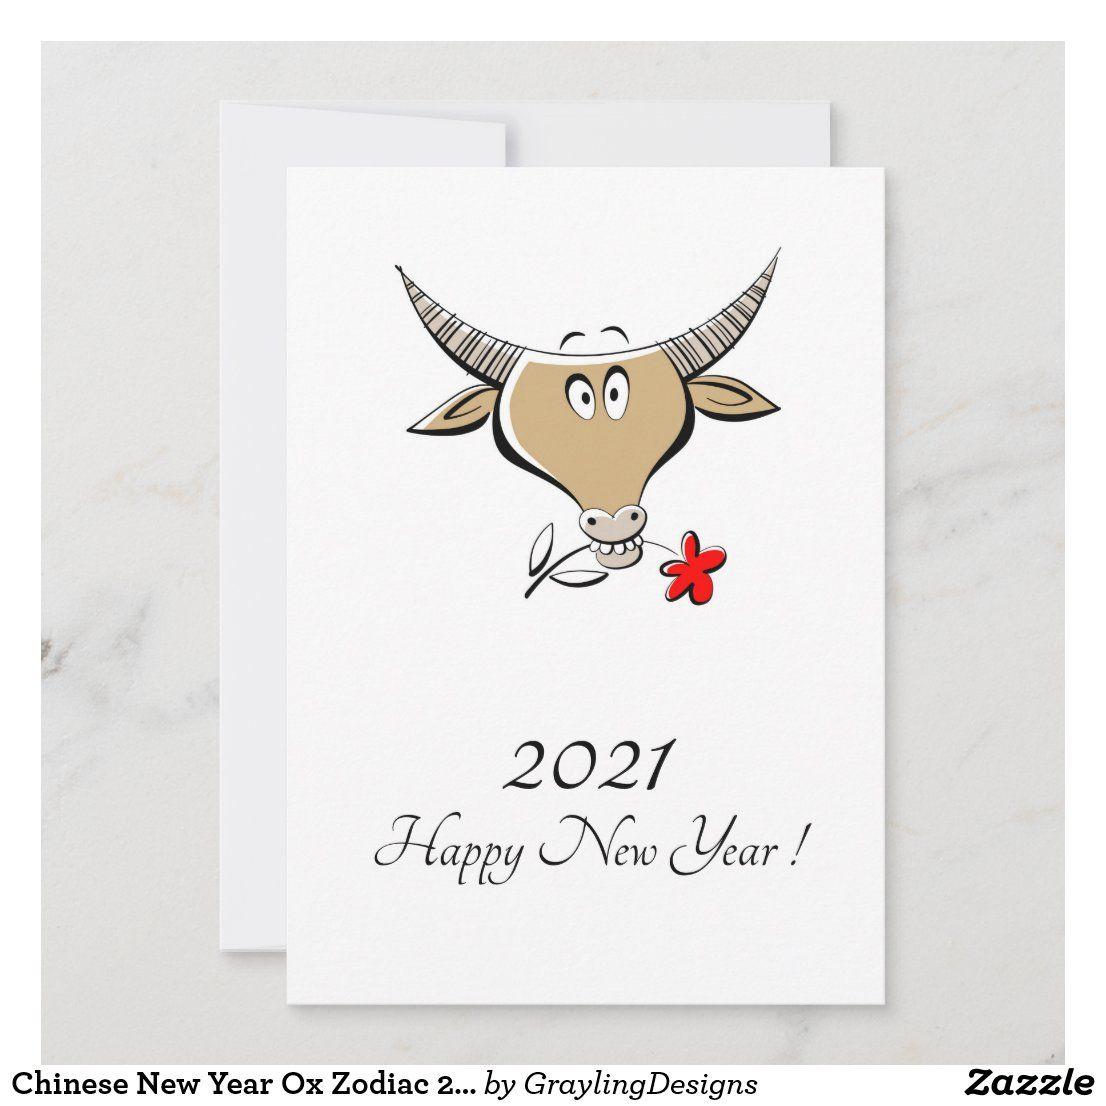 Chinese new year ox zodiac 2021 holiday card zazzleca